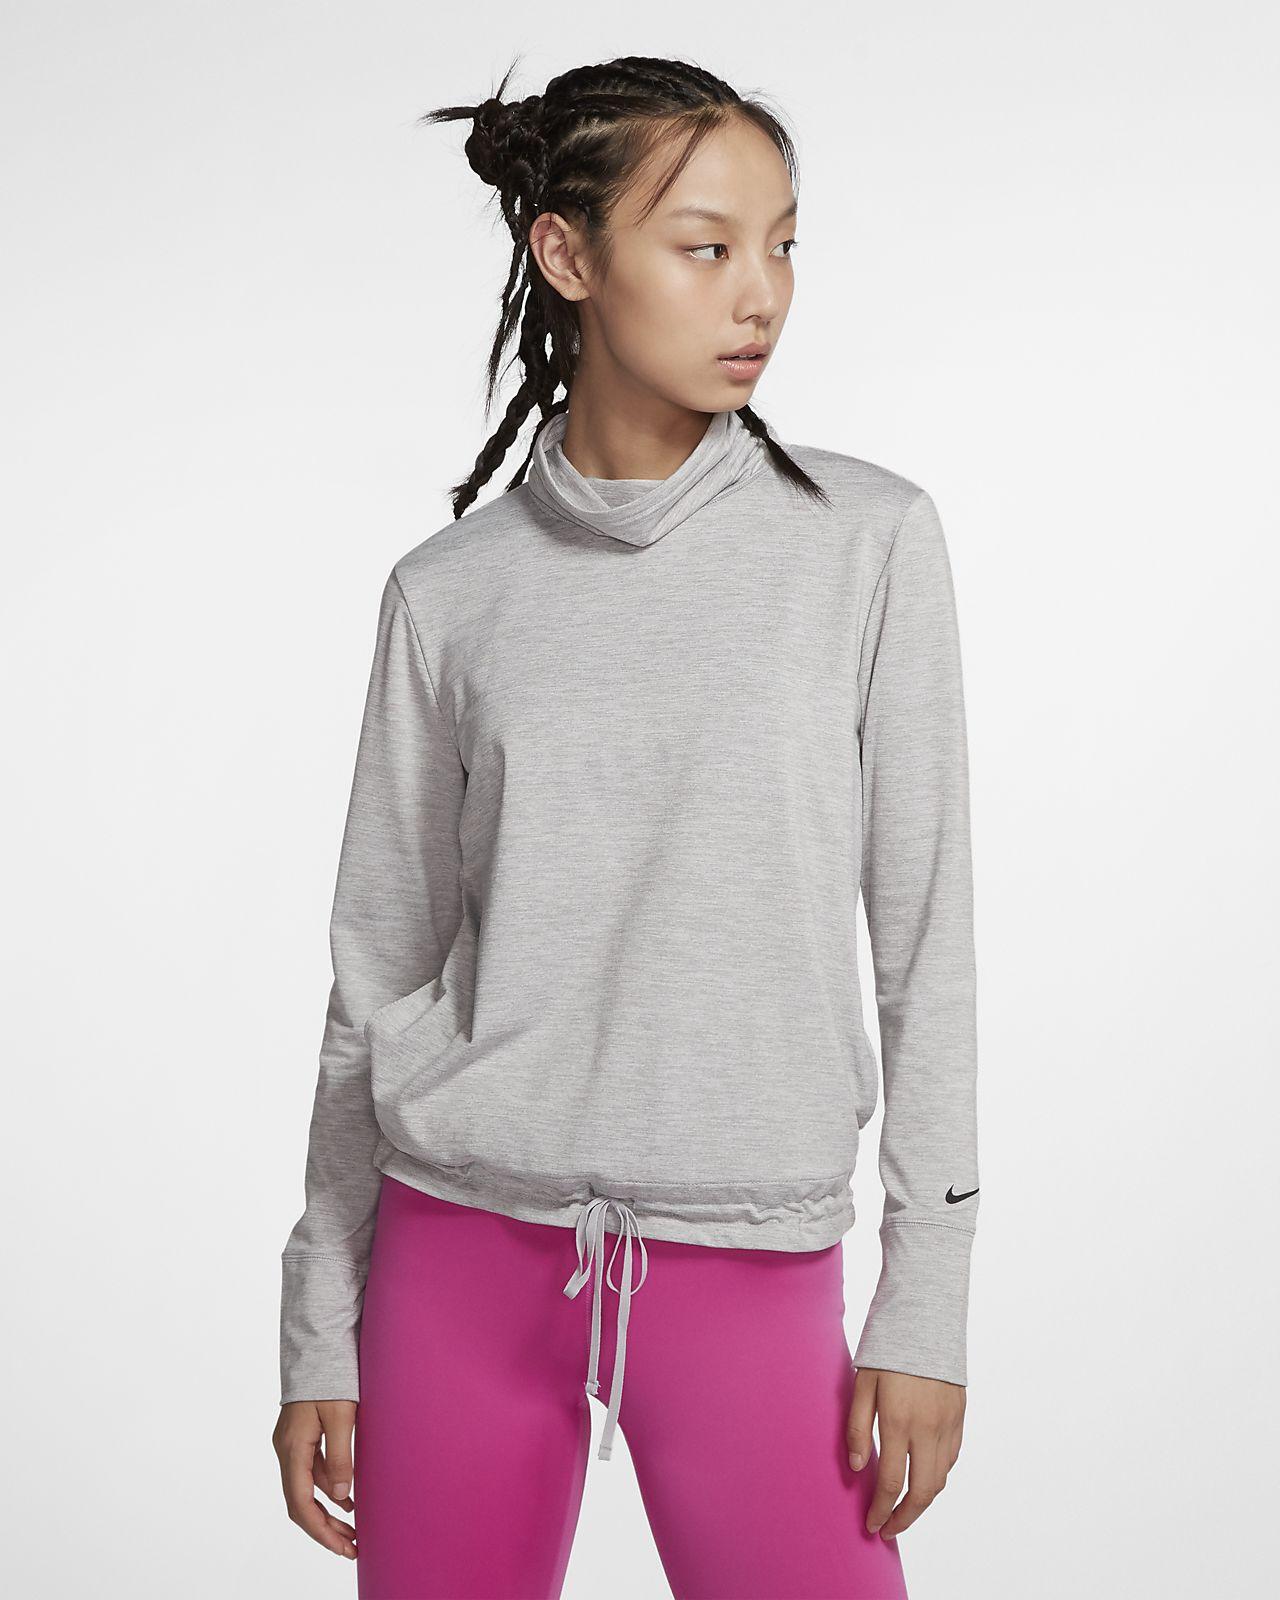 เสื้อคอตั้งผู้หญิง Nike Yoga